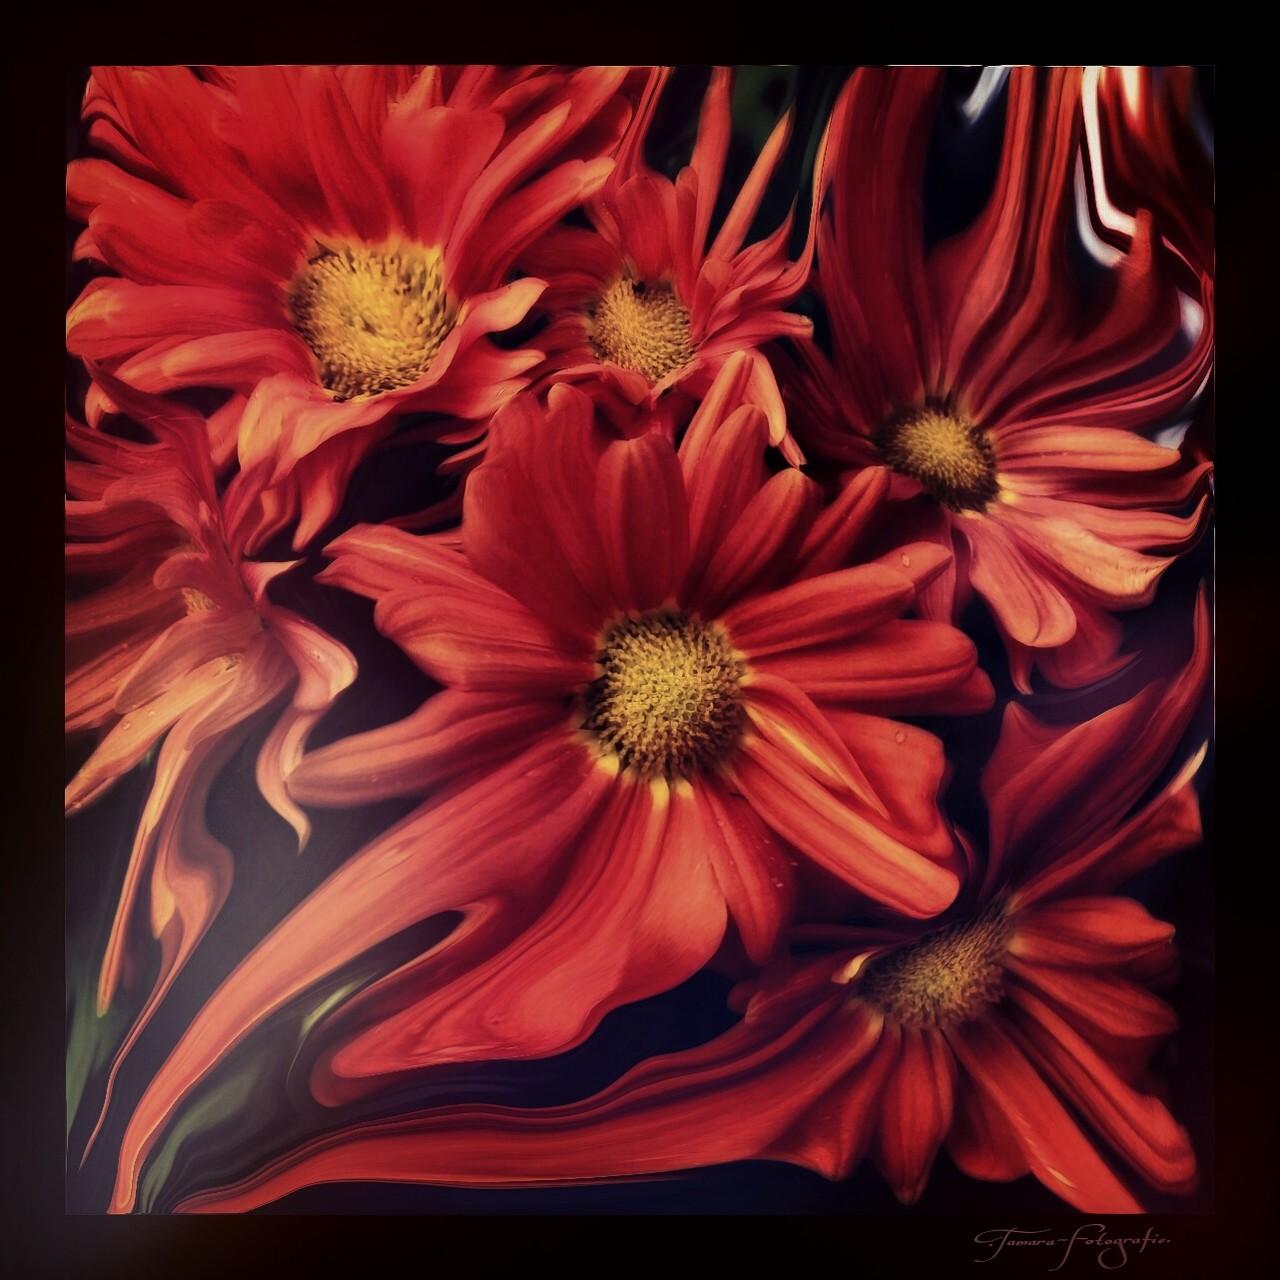 """Ich höre die lautlose Stimme der Natur: """"Geniesse die Schönheit des Herbstes und denke nicht an die Blumen des Frühlings. Man kann nicht beides gemeinsam erleben wollen."""""""